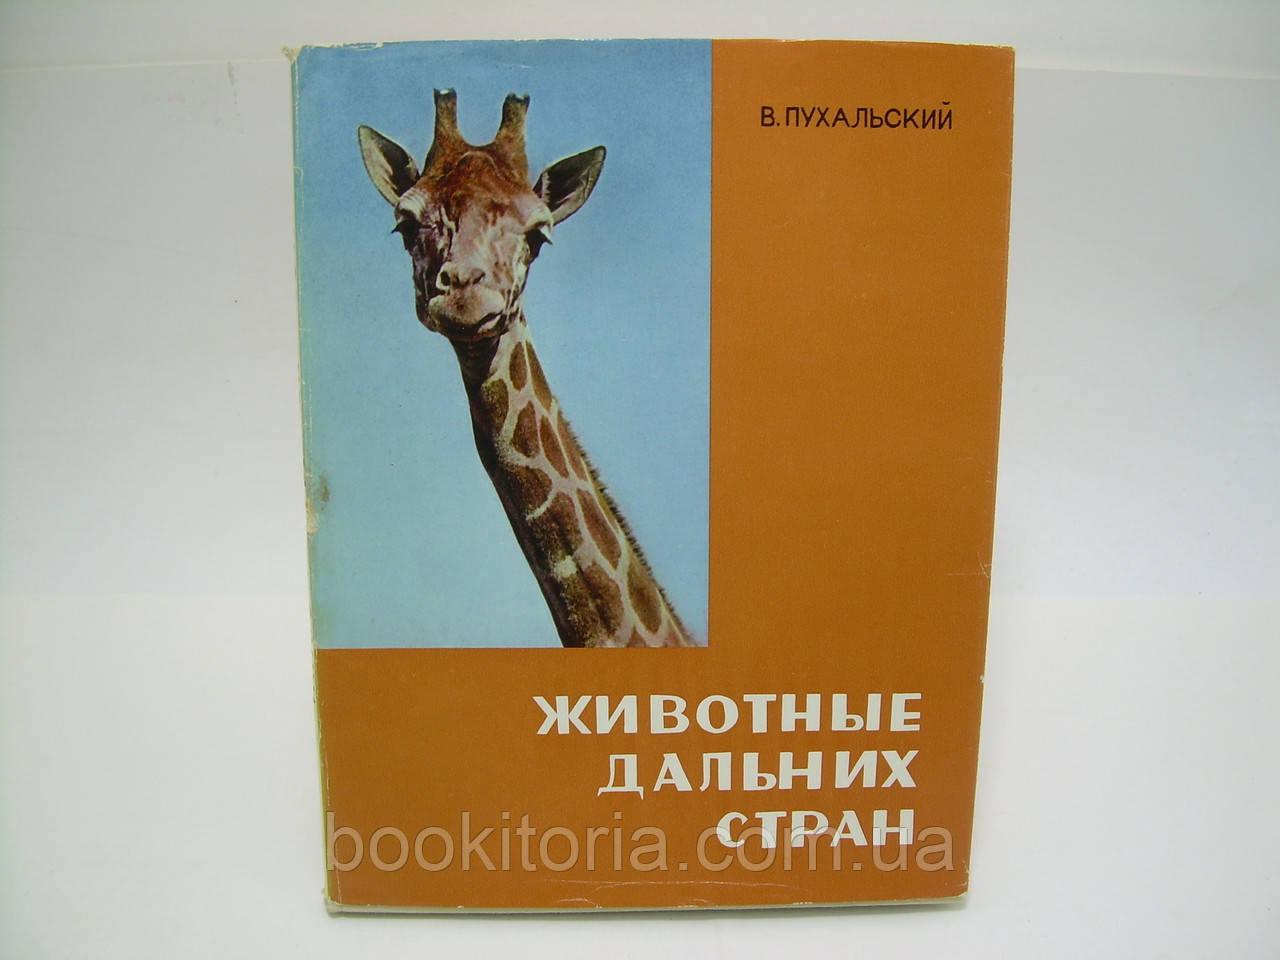 Пухальский В. Животные дальних стран (б/у).